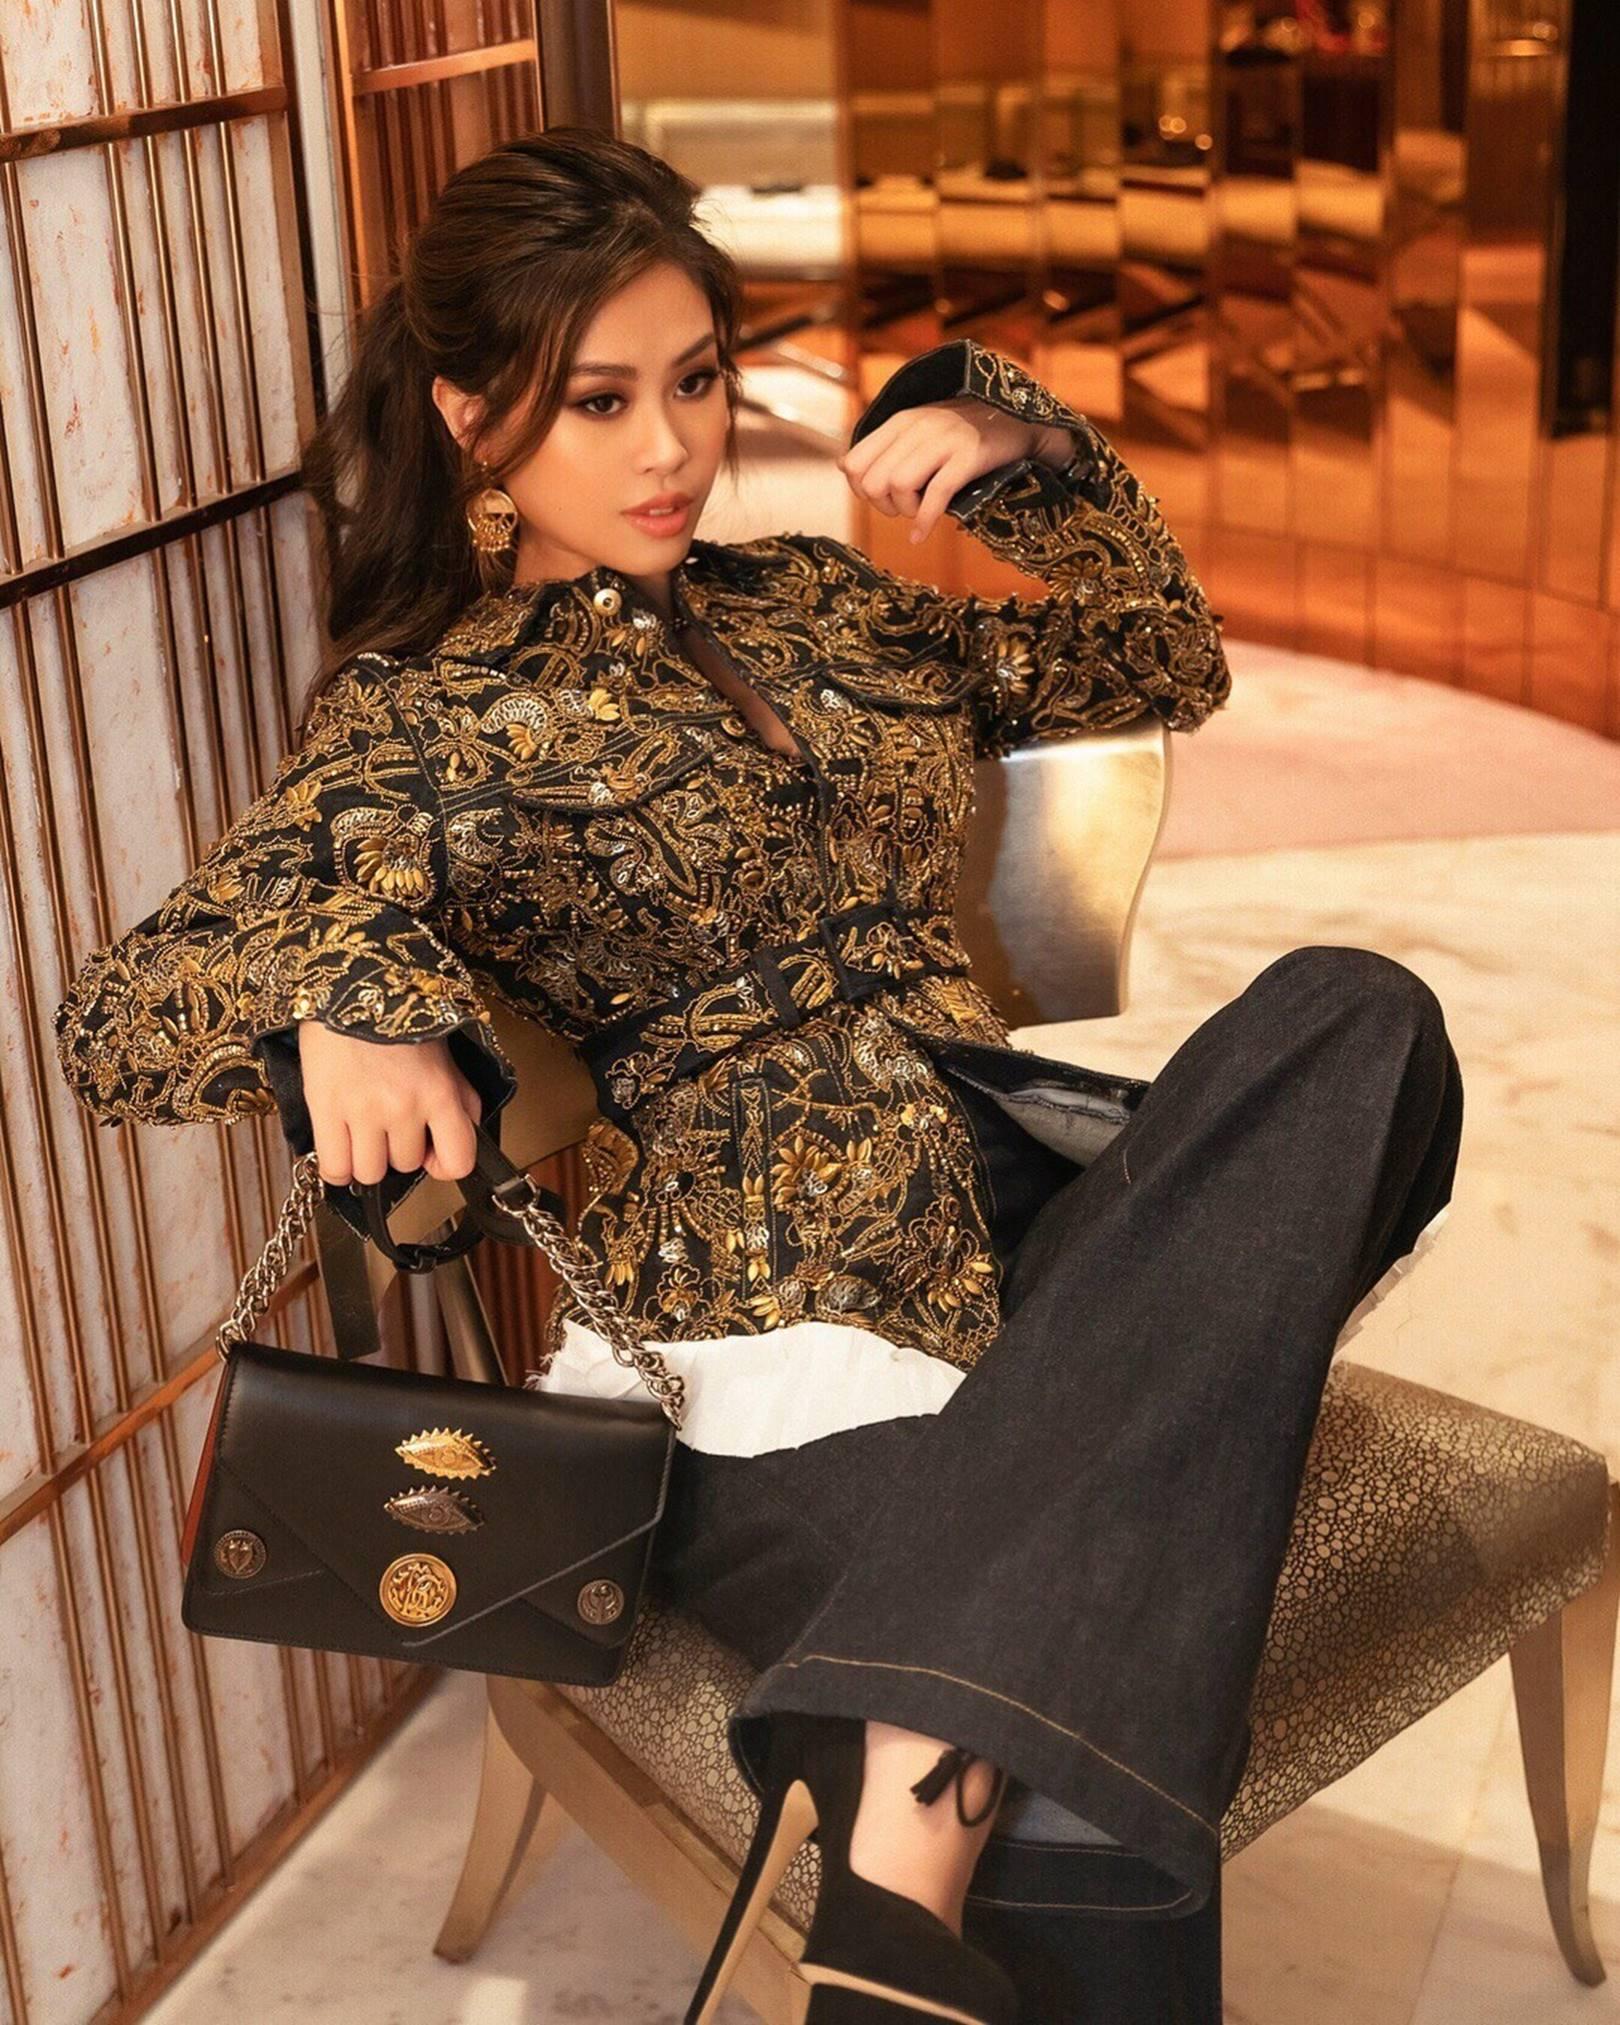 3 ái nữ cành vàng lá ngọc nhà đại gia Việt: Thay đồ hiệu như thay áo, xách túi hiệu như xách giỏ đi chợ mỗi ngày-14